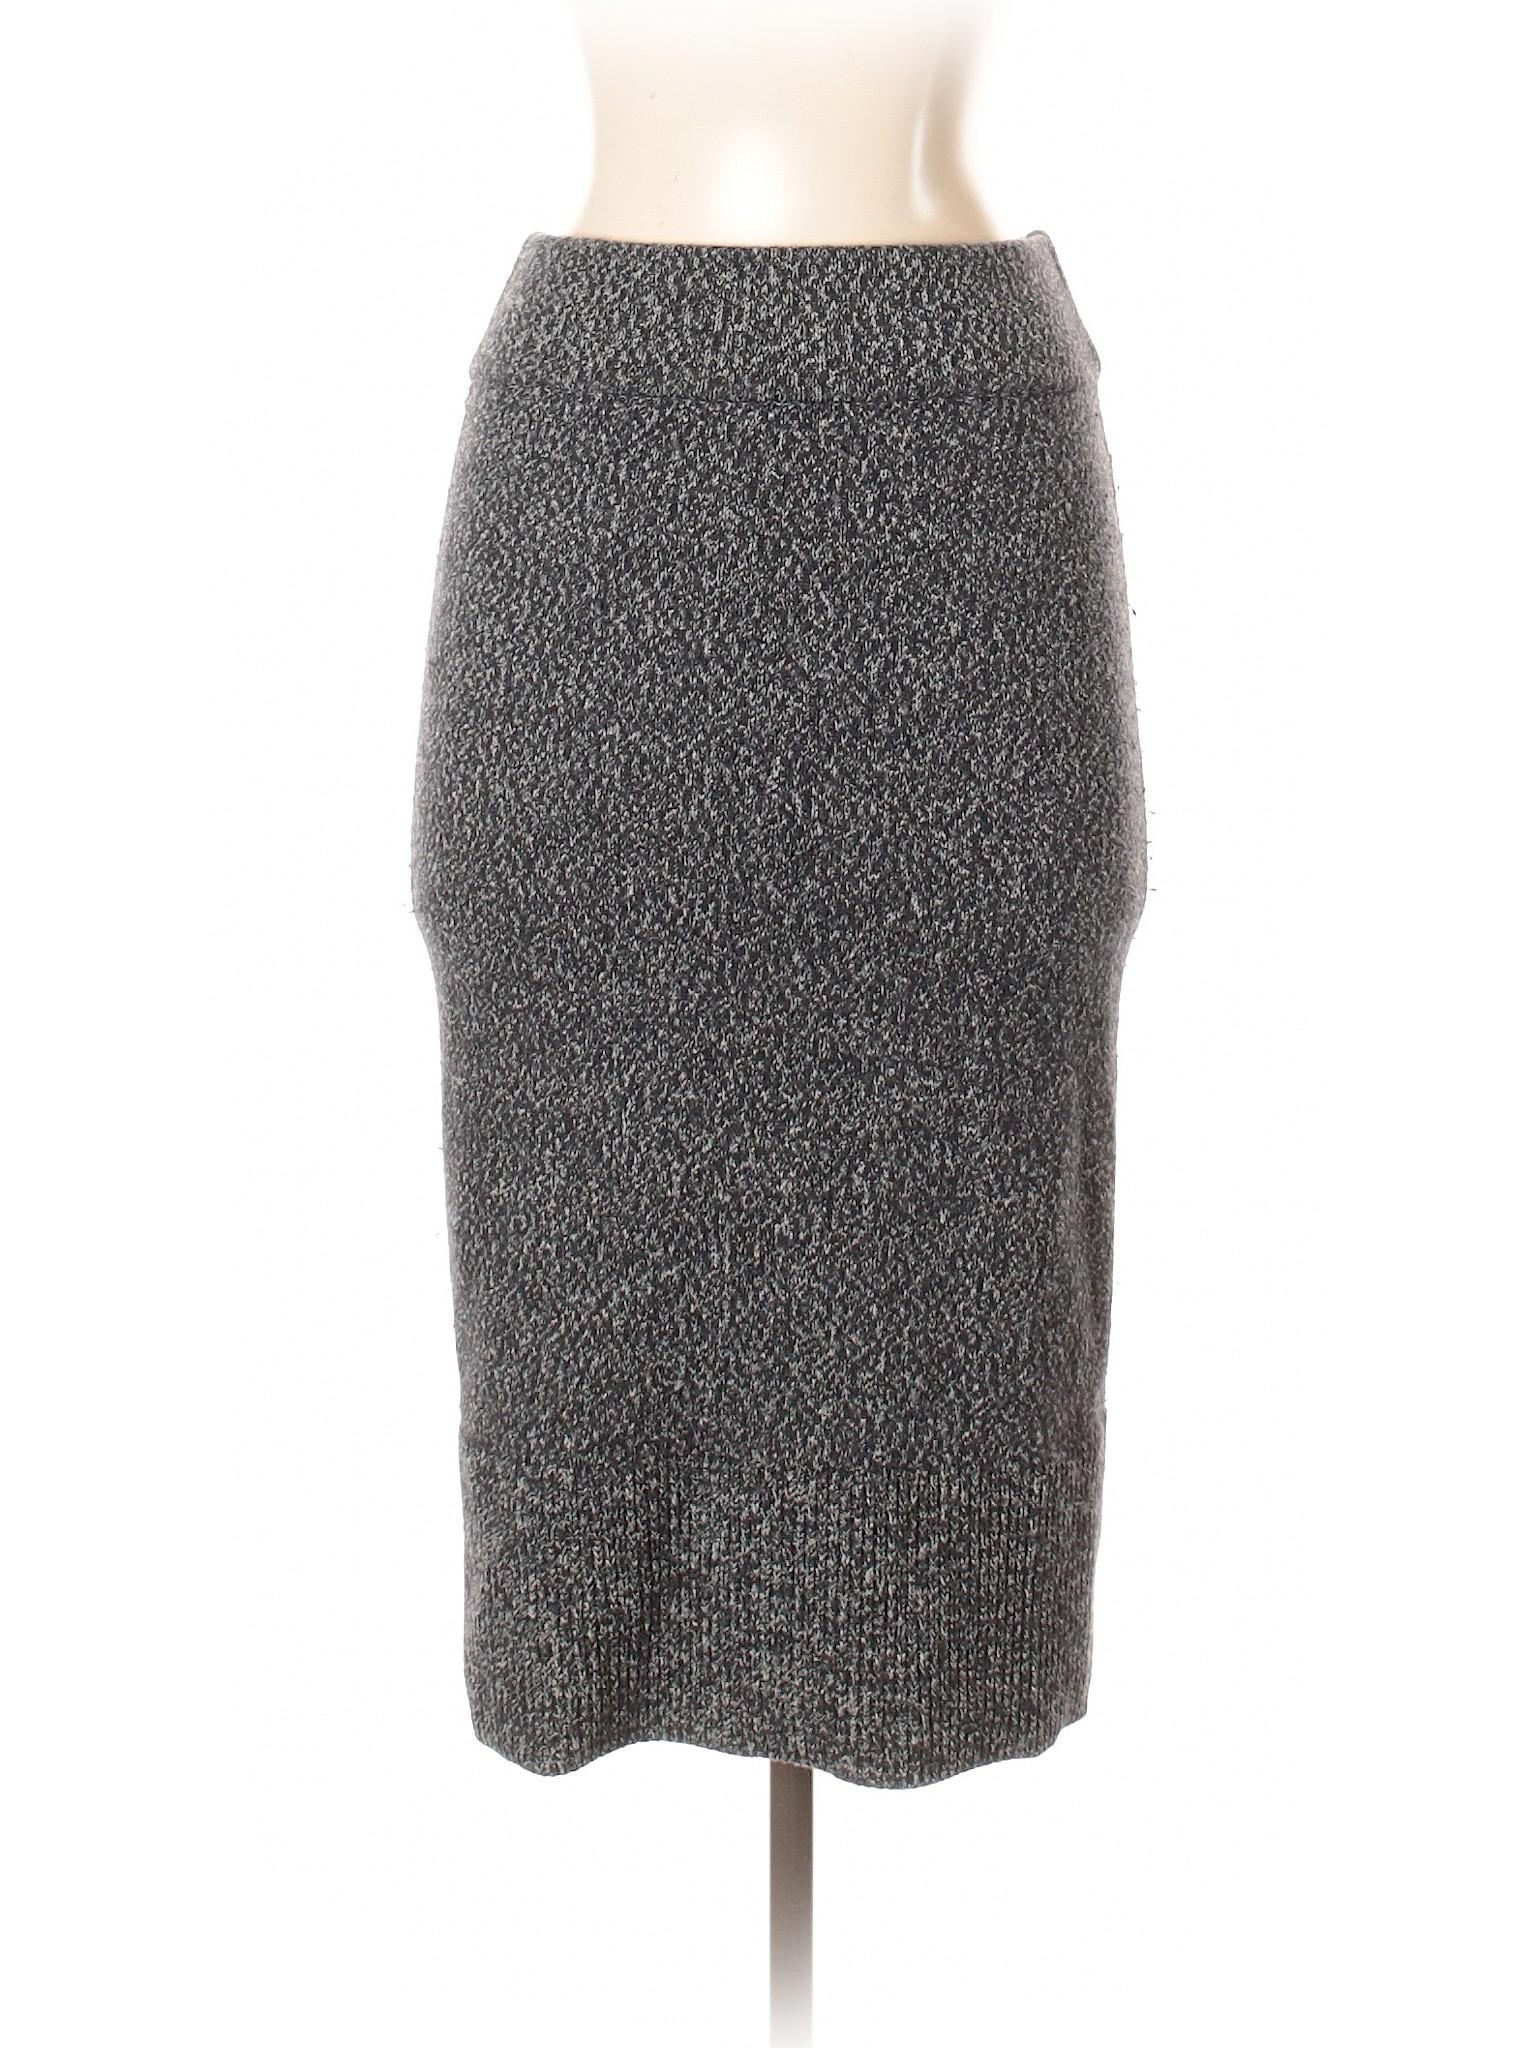 Boutique Boutique Skirt Boutique Wool Wool Skirt Wool Skirt qwqSZBr